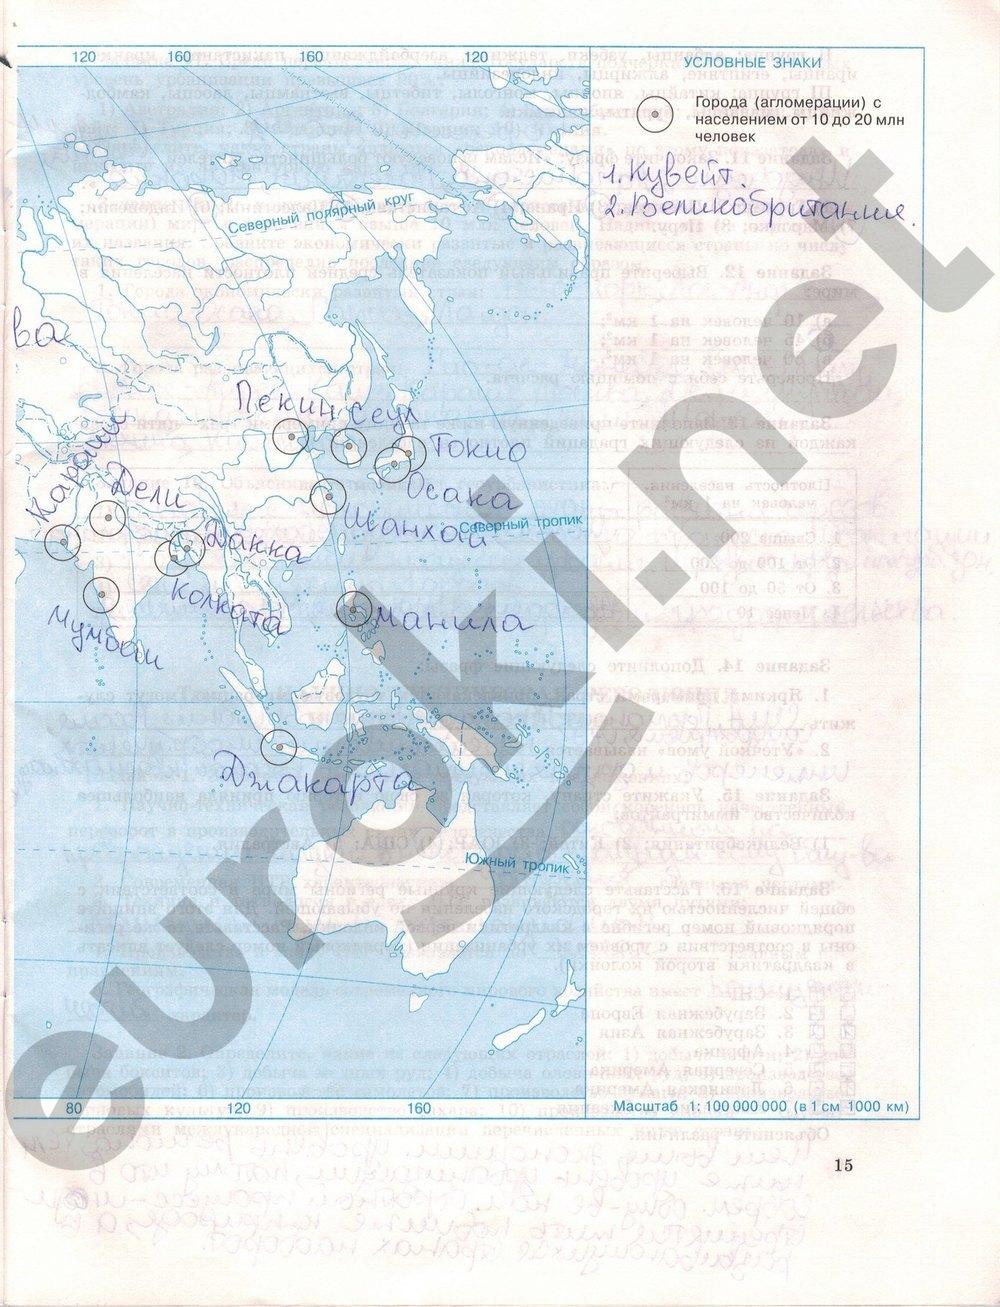 Гдз по географии 10 класс 2005 г